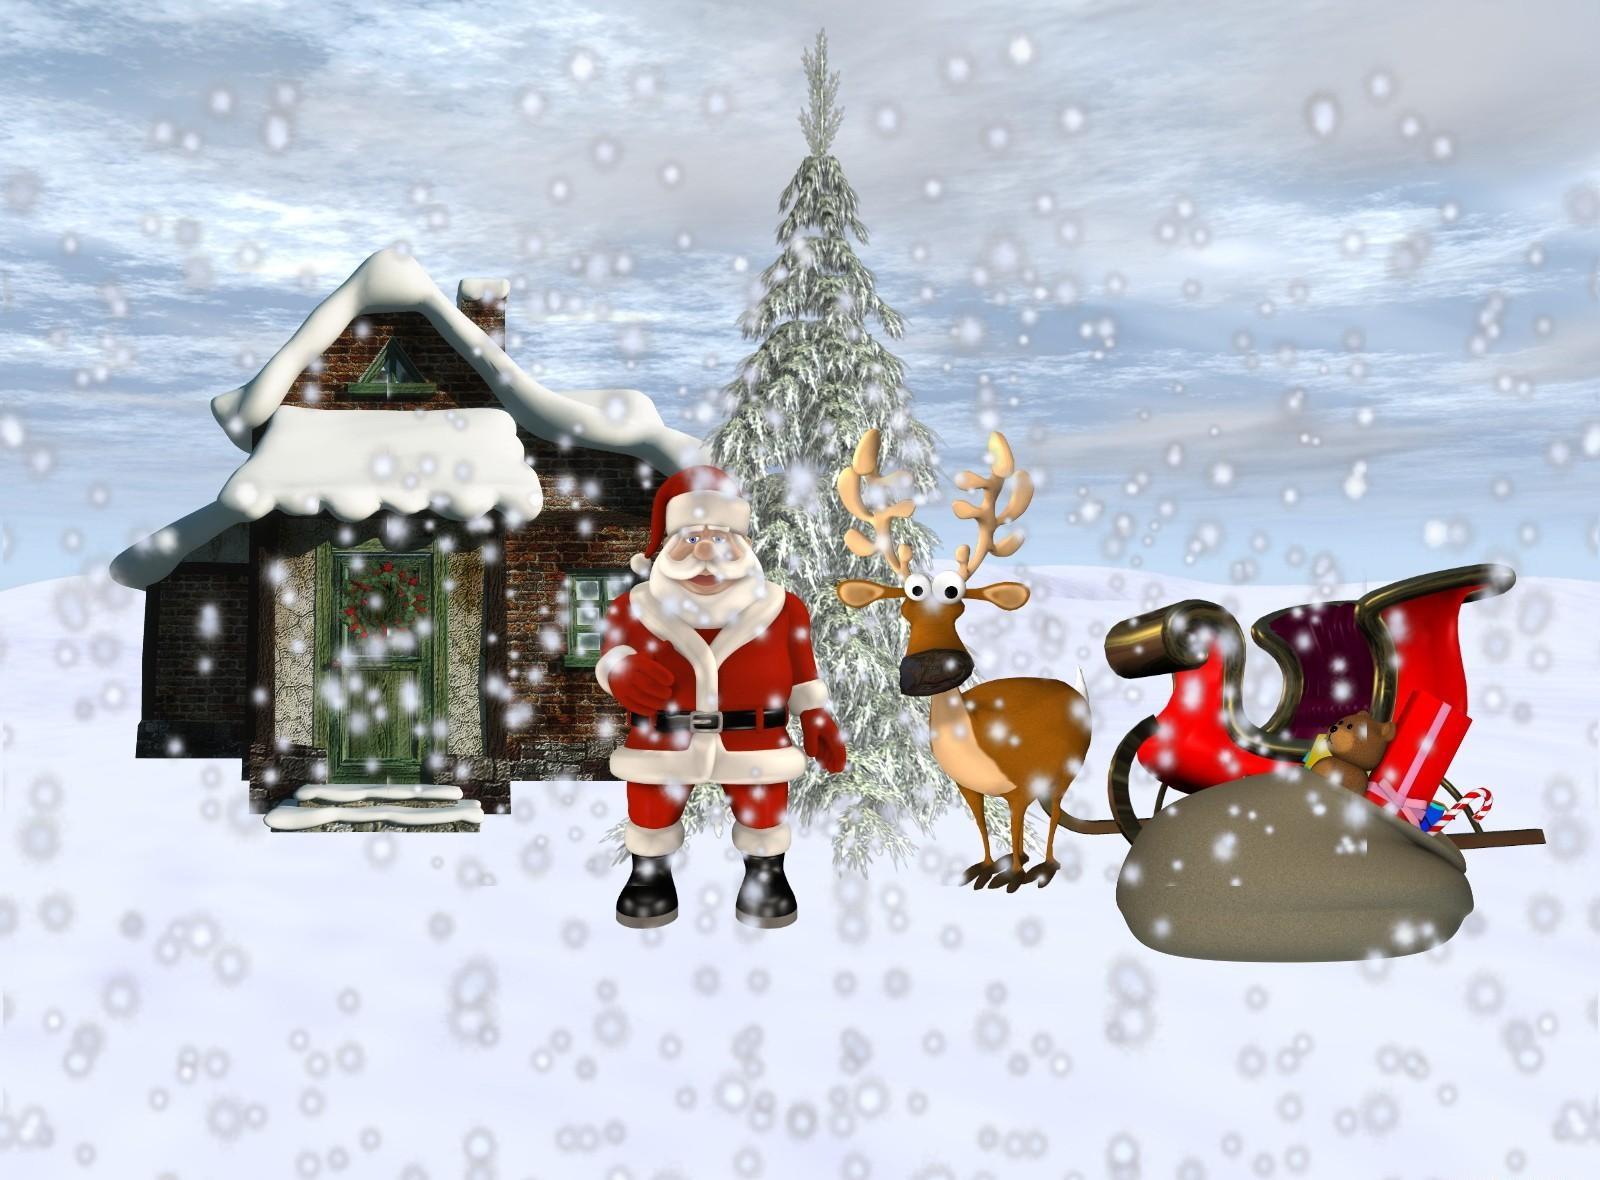 70495 descargar fondo de pantalla Vacaciones, Papá Noel, Ciervo, Trineo, Presenta, Regalos, Casa, Nieve, Árbol De Navidad: protectores de pantalla e imágenes gratis